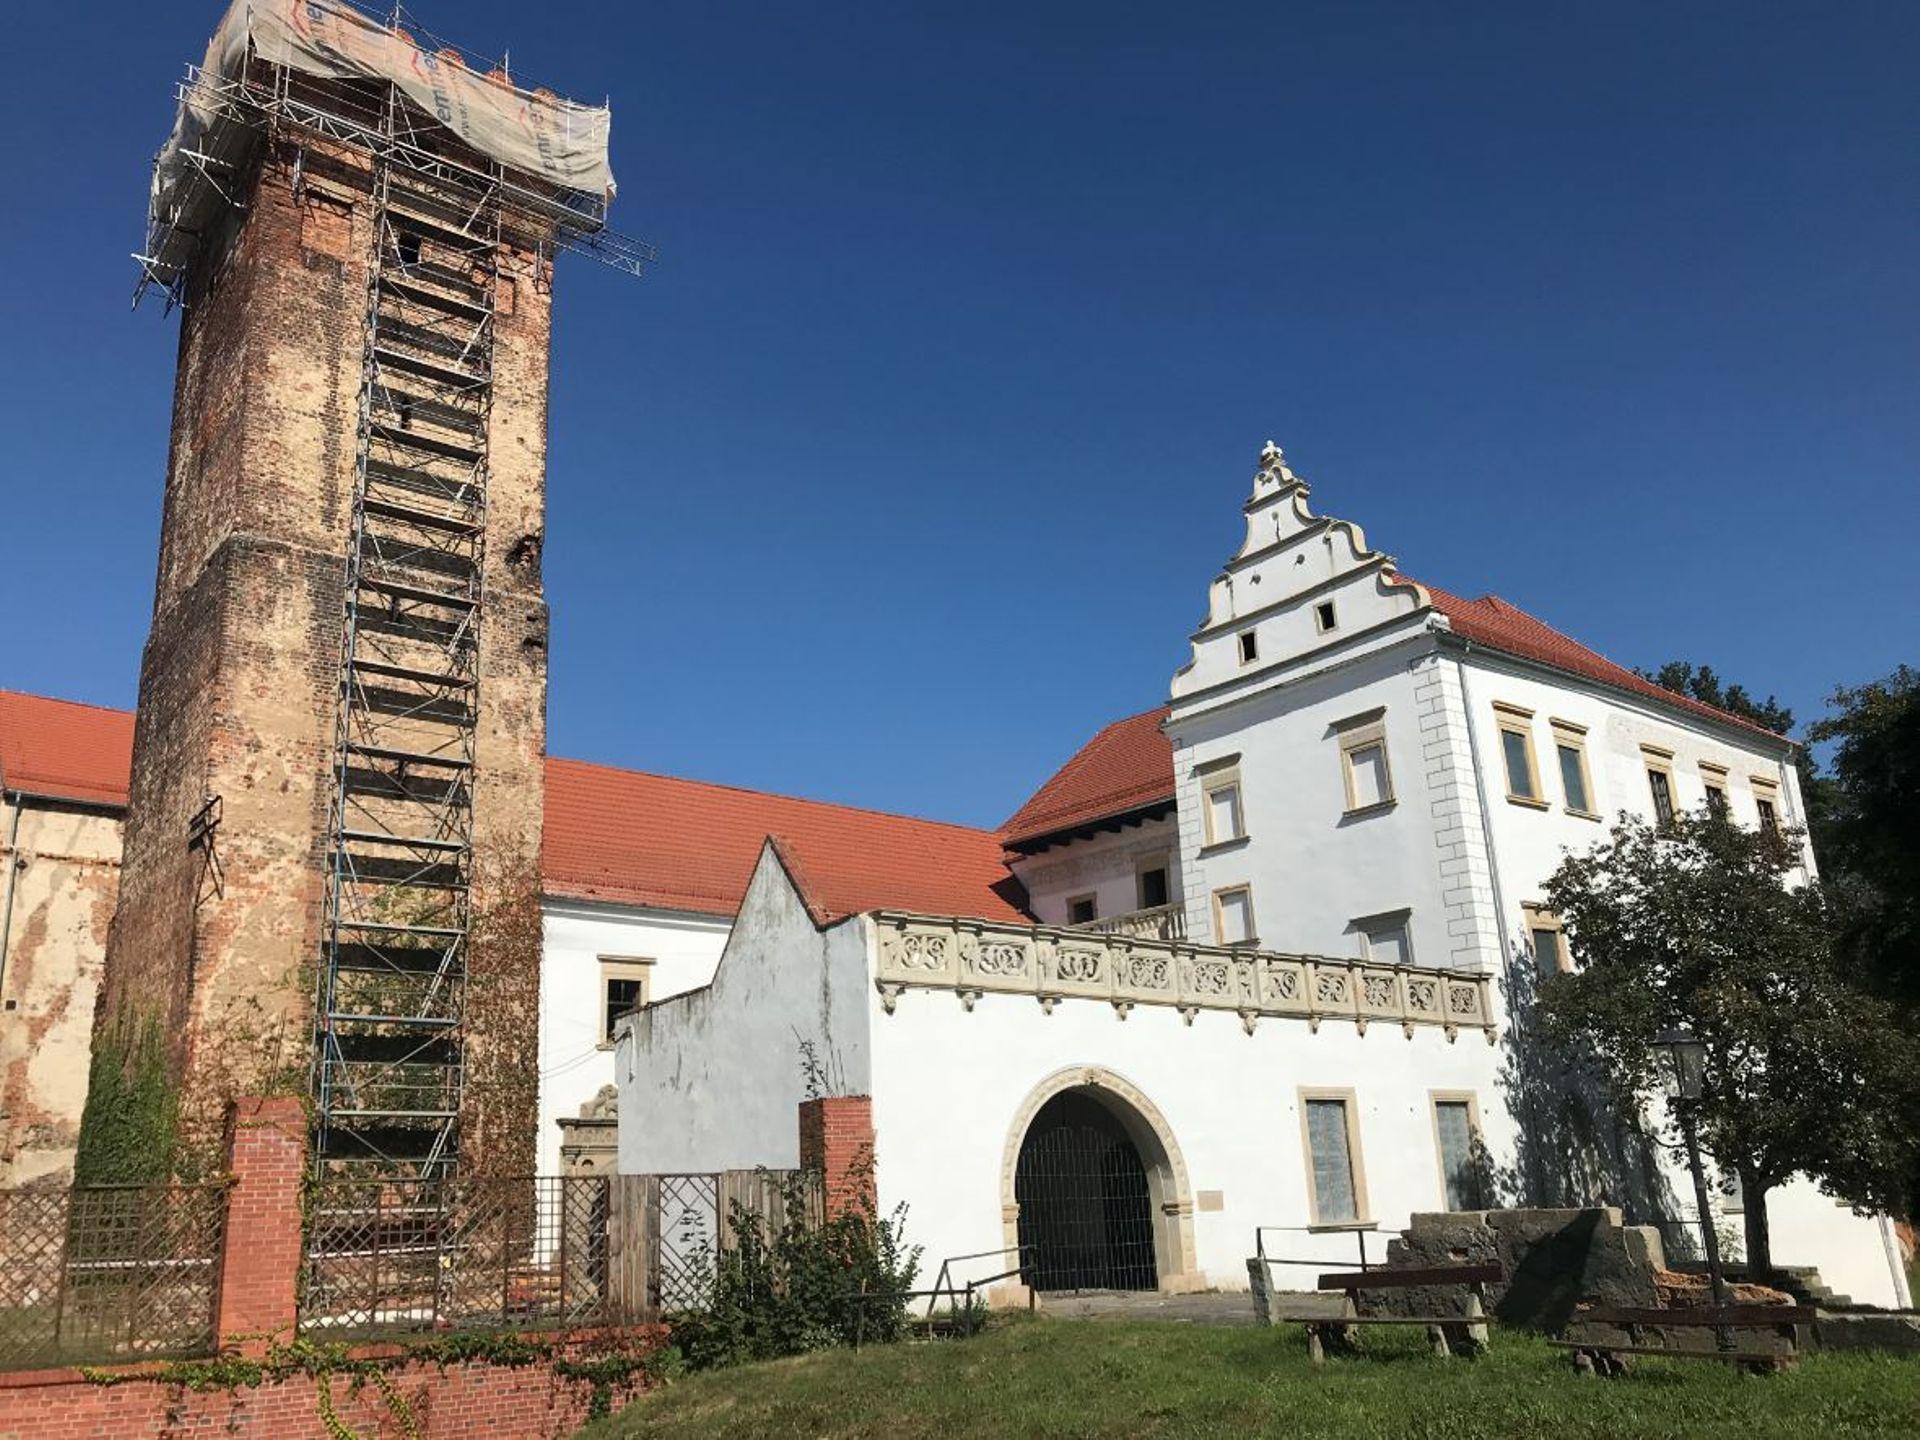 Zamek w Prochowicach powoli odzyskuje dawny blask. Ruszył remont wieży